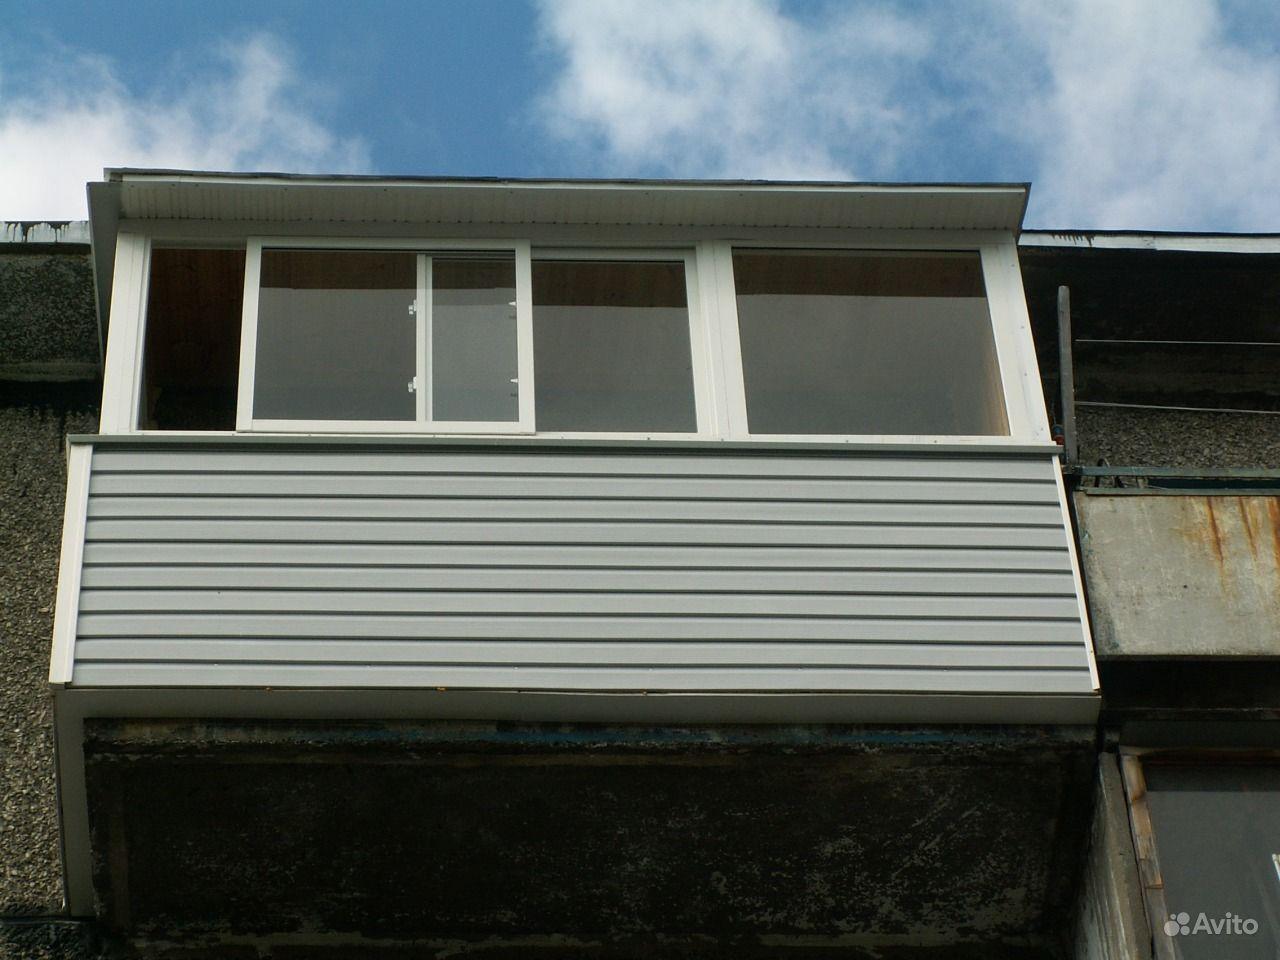 Алюминиевые раздвижные рамы солн на балкон. - цены на пласти.